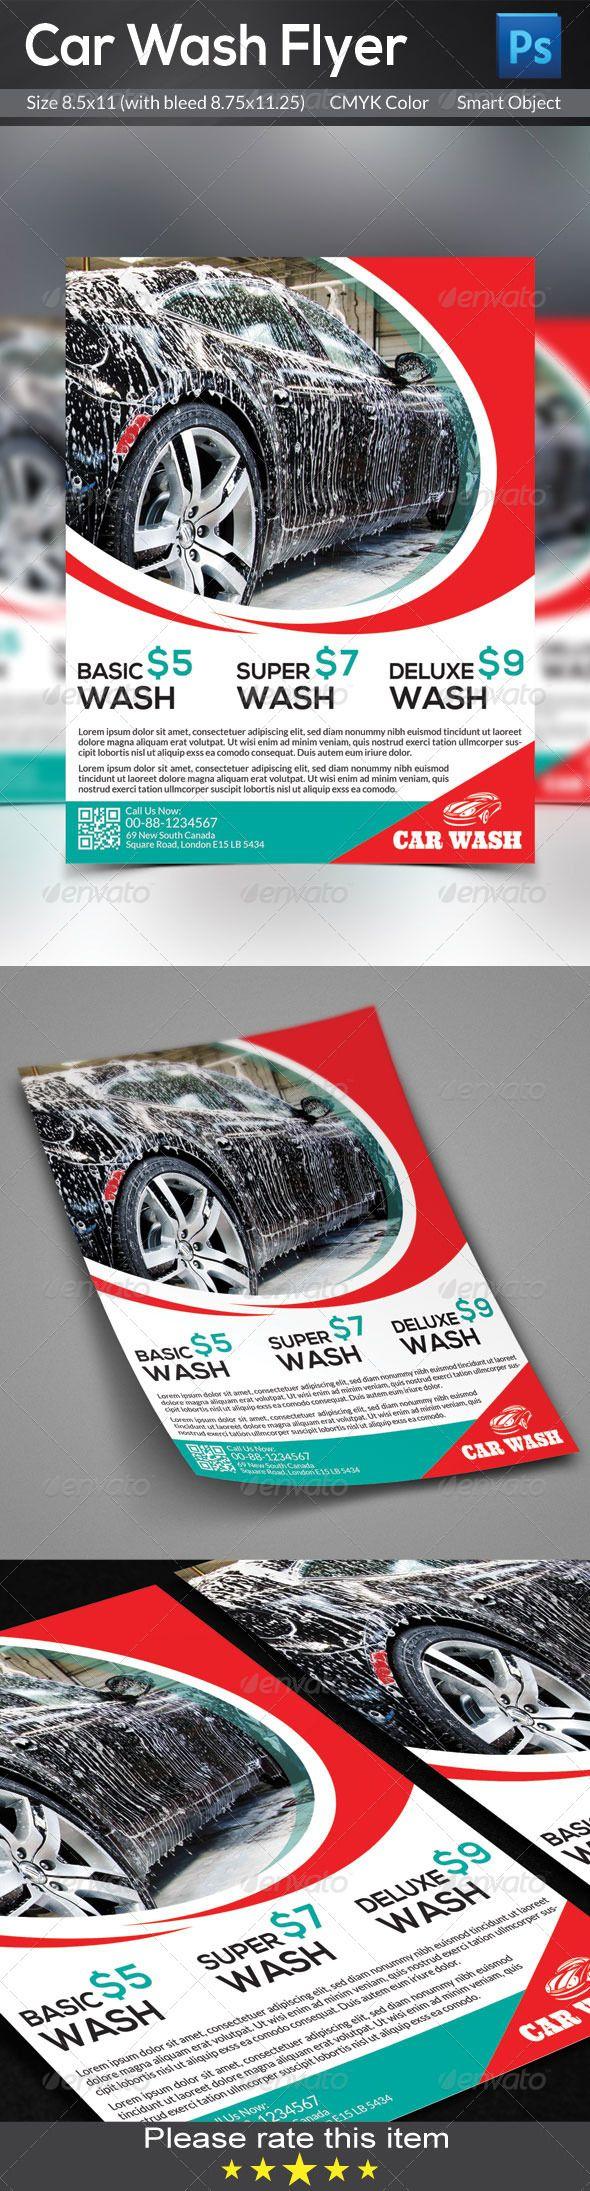 Car Wash Flyer | Lavar, Lavado de auto y Lavado de coches